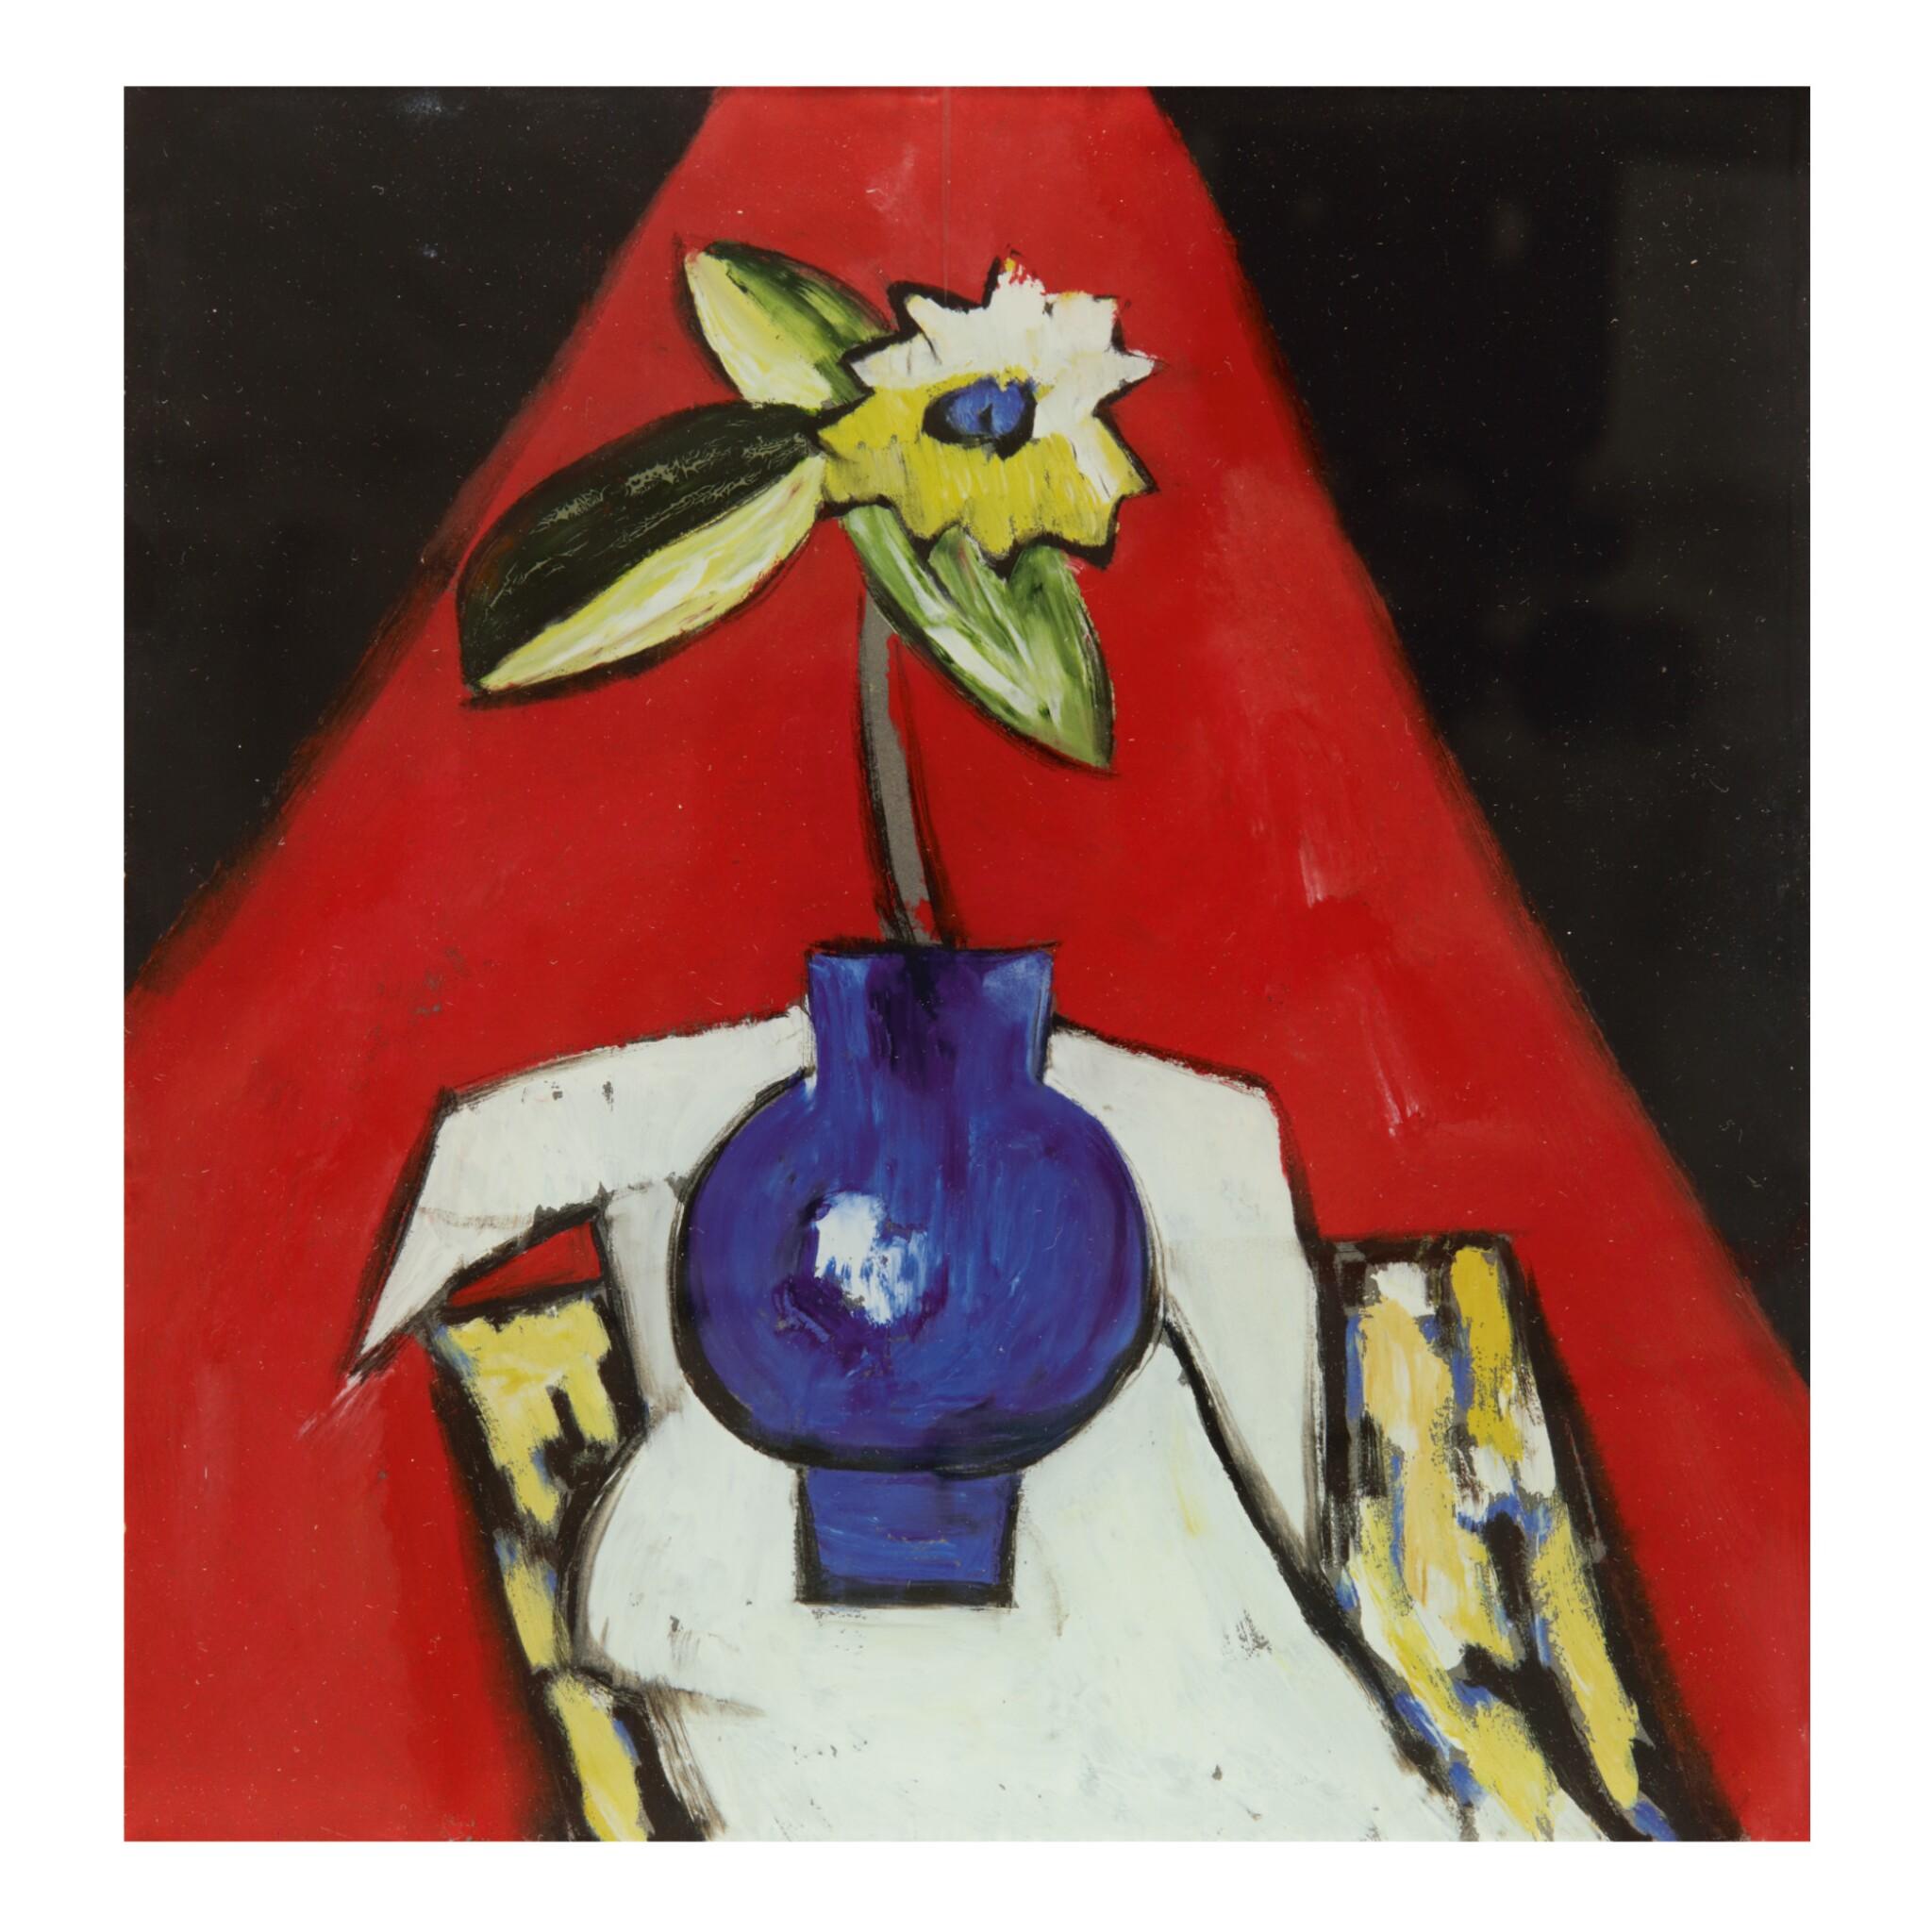 MARSDEN HARTLEY | FLOWERS IN A VASE